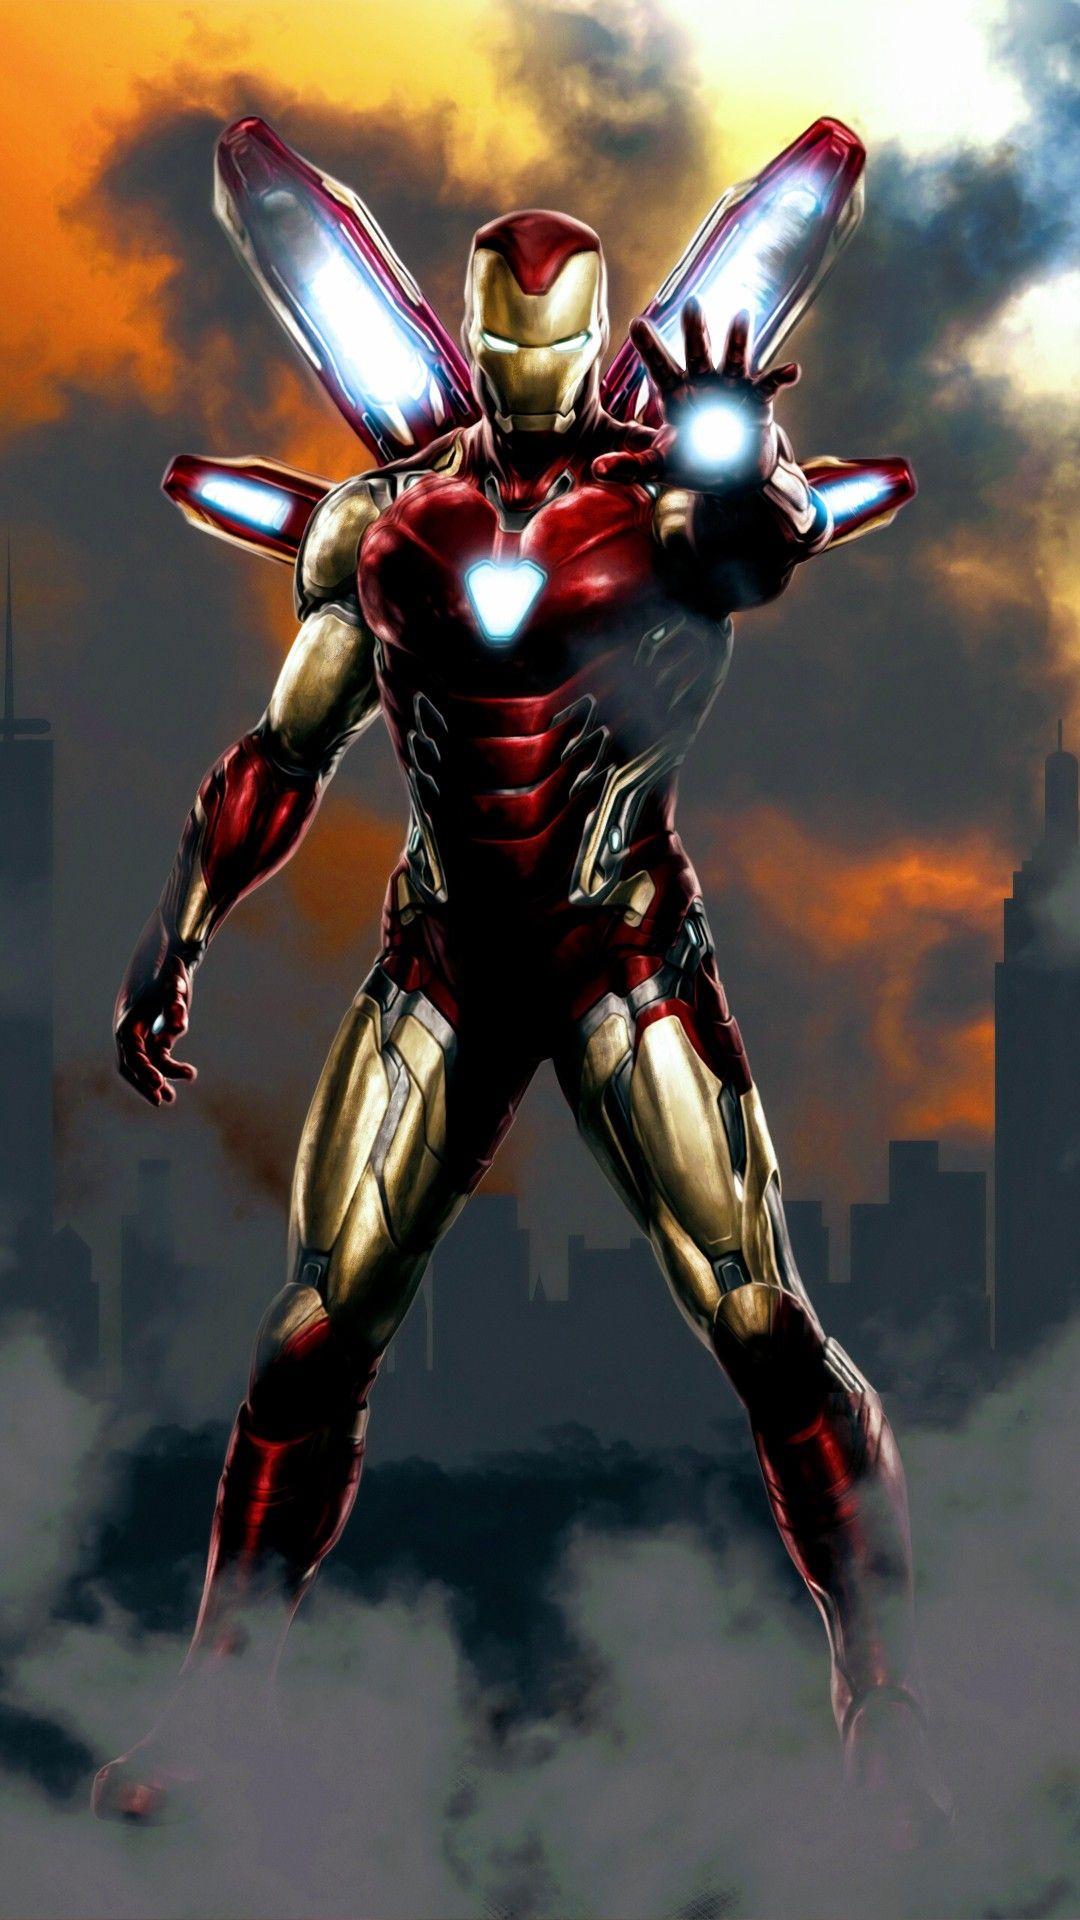 Iron Man, Tony Stark Iron man wallpaper, Iron man, Iron